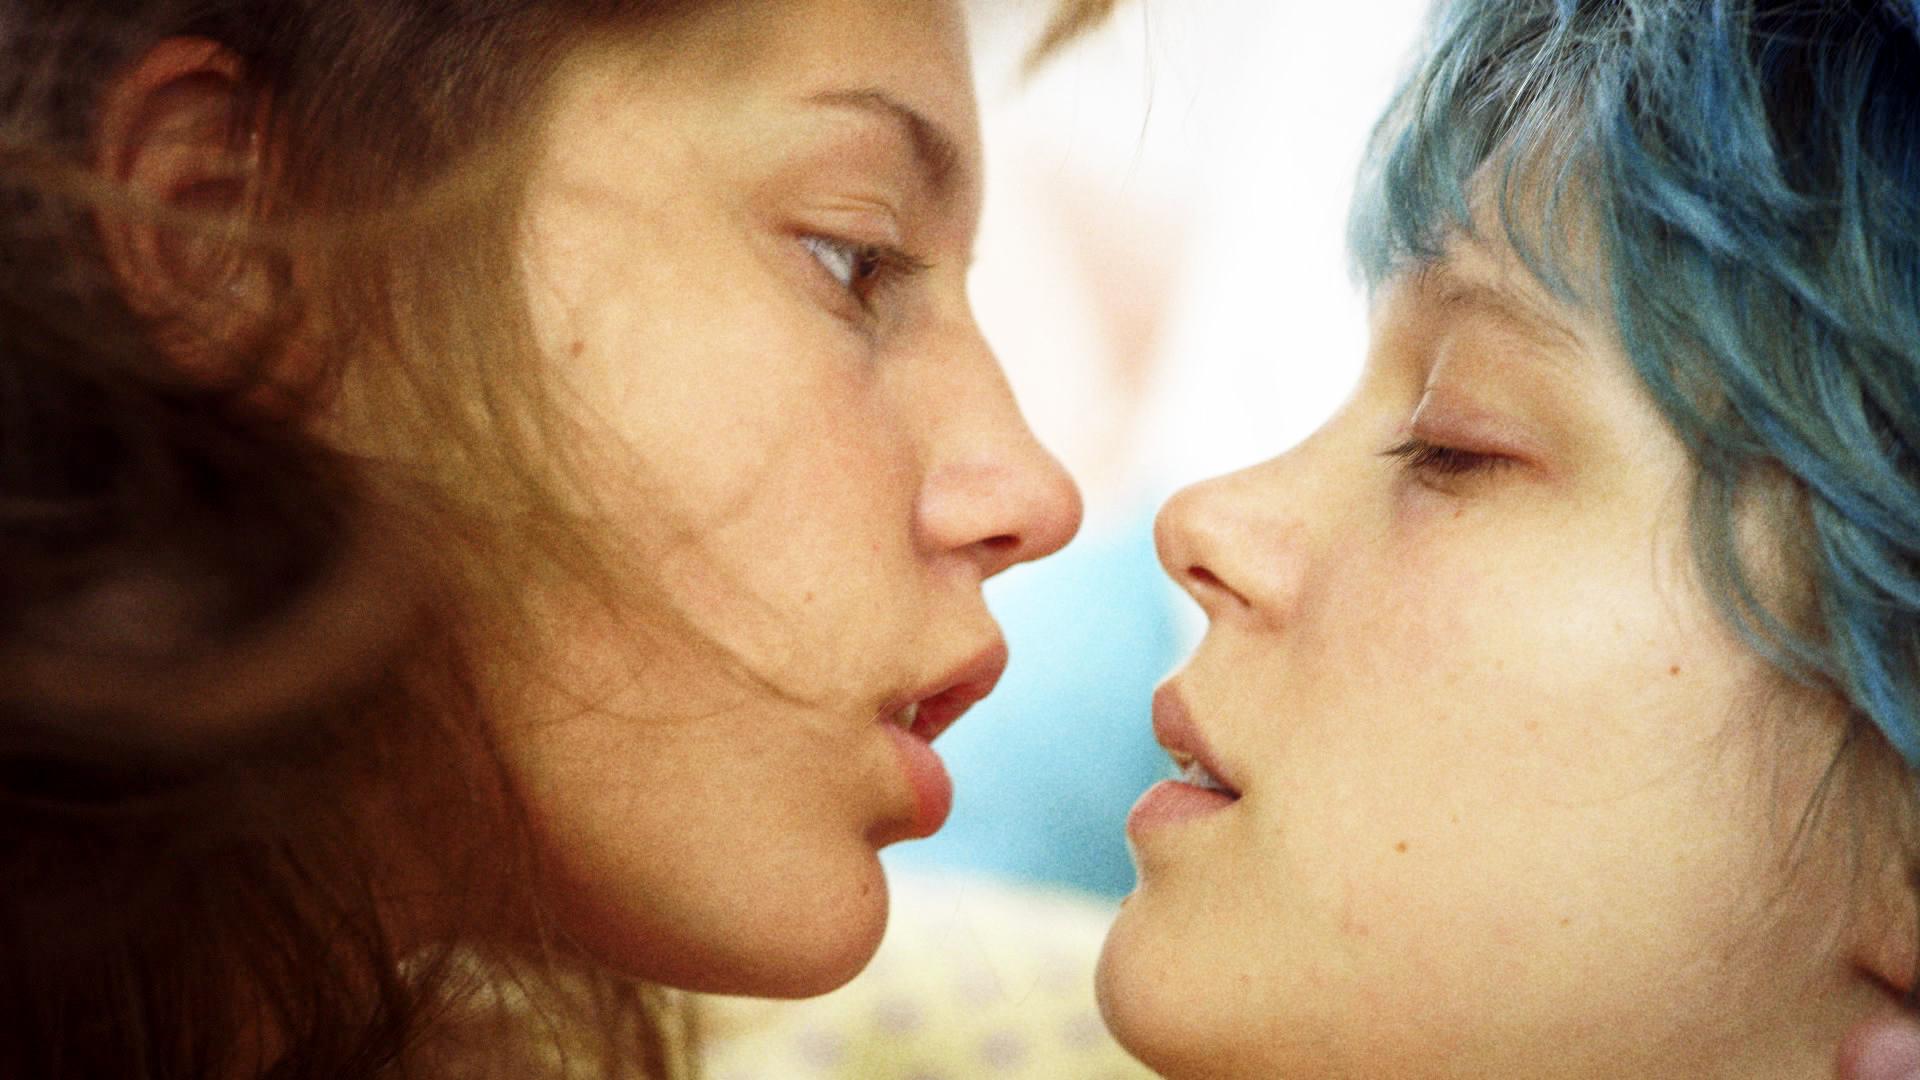 Blau Ist Eine Warme Farbe Im Stream Sex Film Furs 21 Jahrhundert